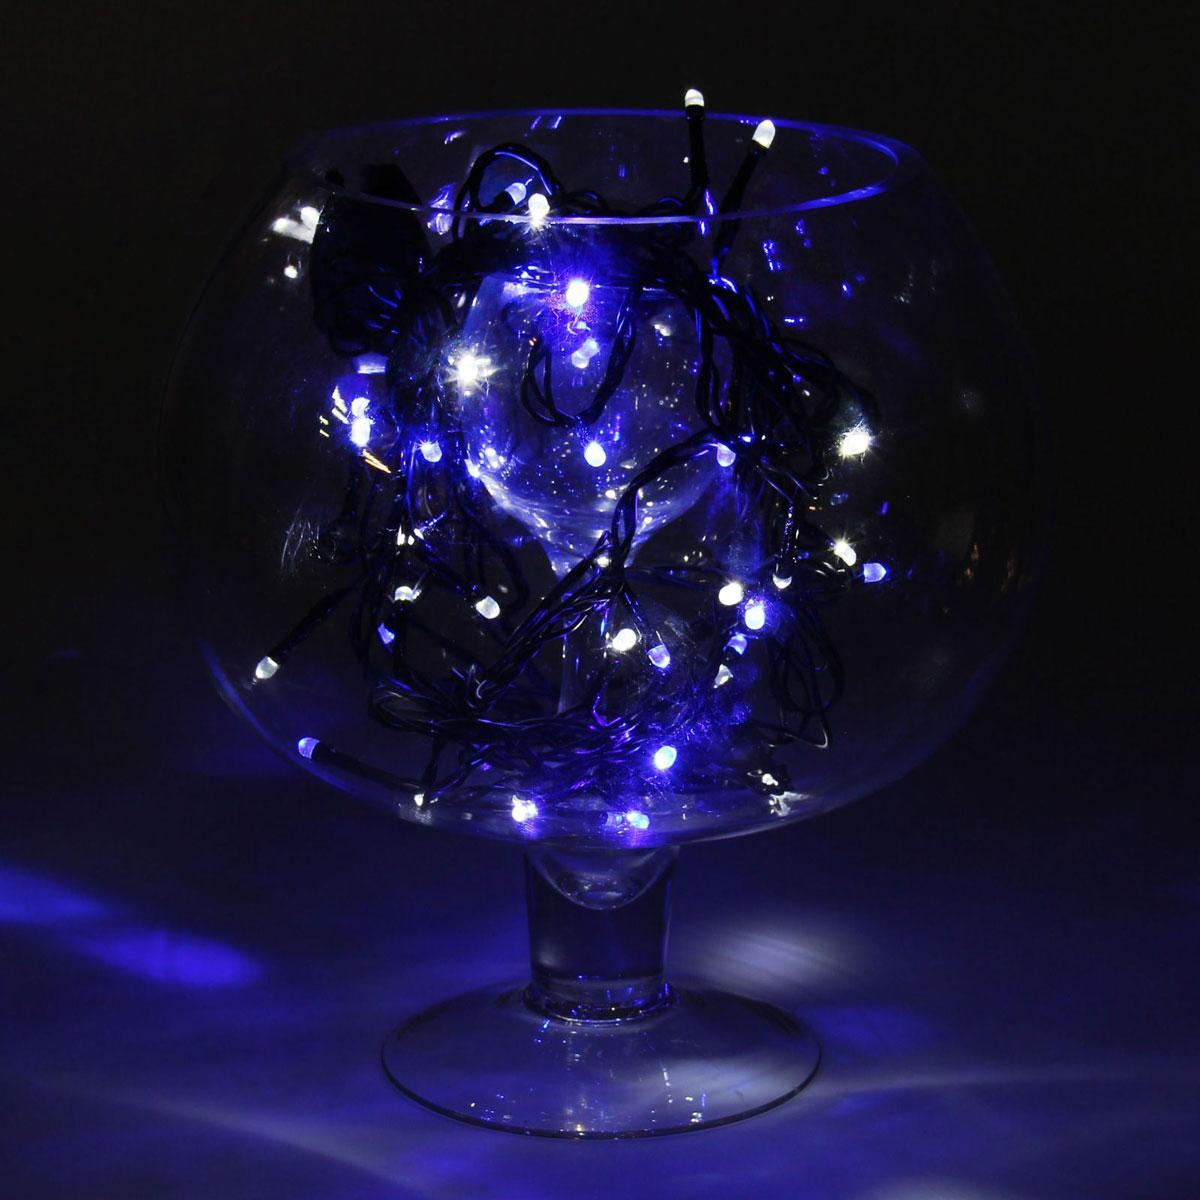 Гирлянда светодиодная Luazon Метраж, уличная, моргает, 52 лампы, 220 V, 5 м, цвет: бело-синий. 10799781079978Светодиодные гирлянды, ленты и т.д. — это отличный вариант для новогоднего оформления интерьера или фасада. С их помощью помещение любого размера можно превратить в праздничный зал, а внешние элементы зданий, украшенные ими, мгновенно станут напоминать очертания сказочного дворца. Такие украшения создают ауру предвкушения чуда. Деревья, фасады, витрины, окна и арки будто специально созданы, чтобы вы украсили их светящимися нитями.